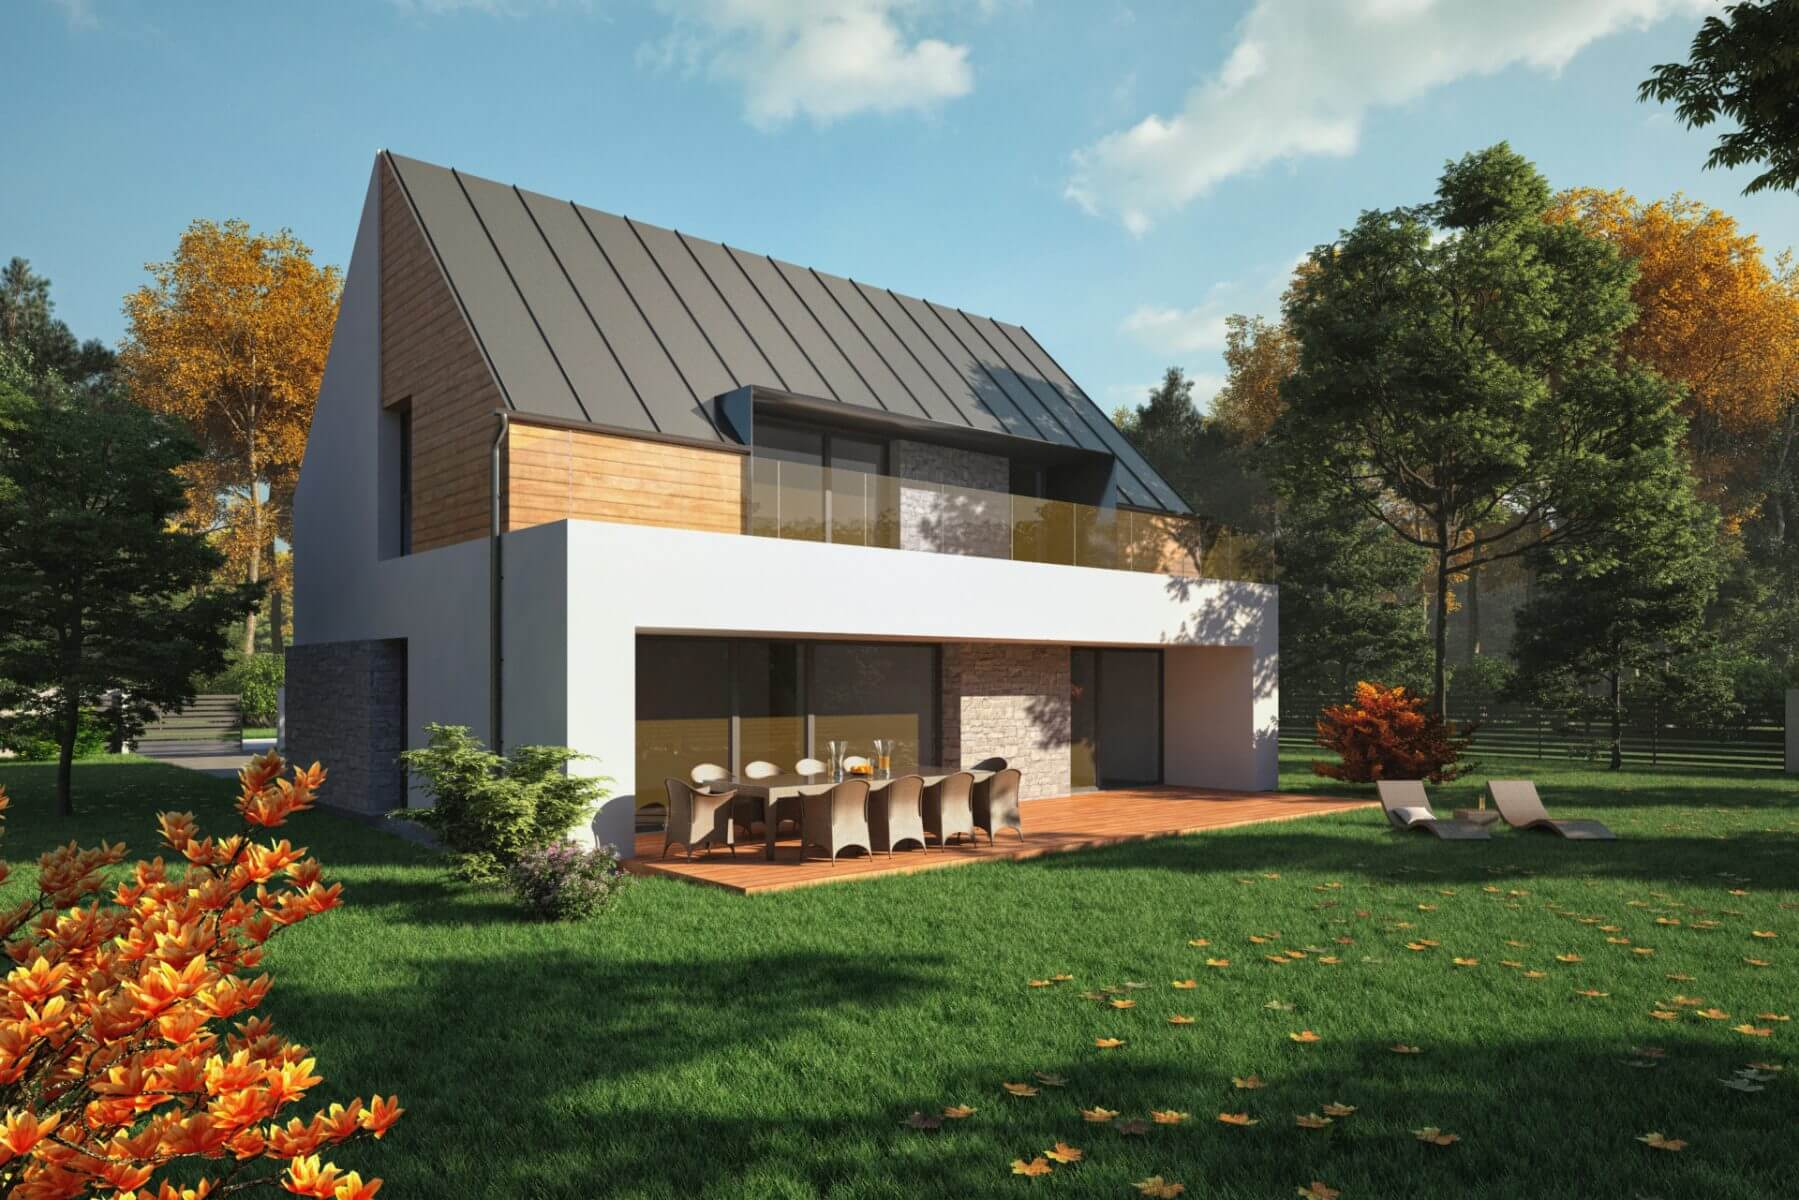 Projekt Dom jednorodzinny Myślenice 1a Biuro projektowe Biuro Architektoniczne Format architekt projekty domów